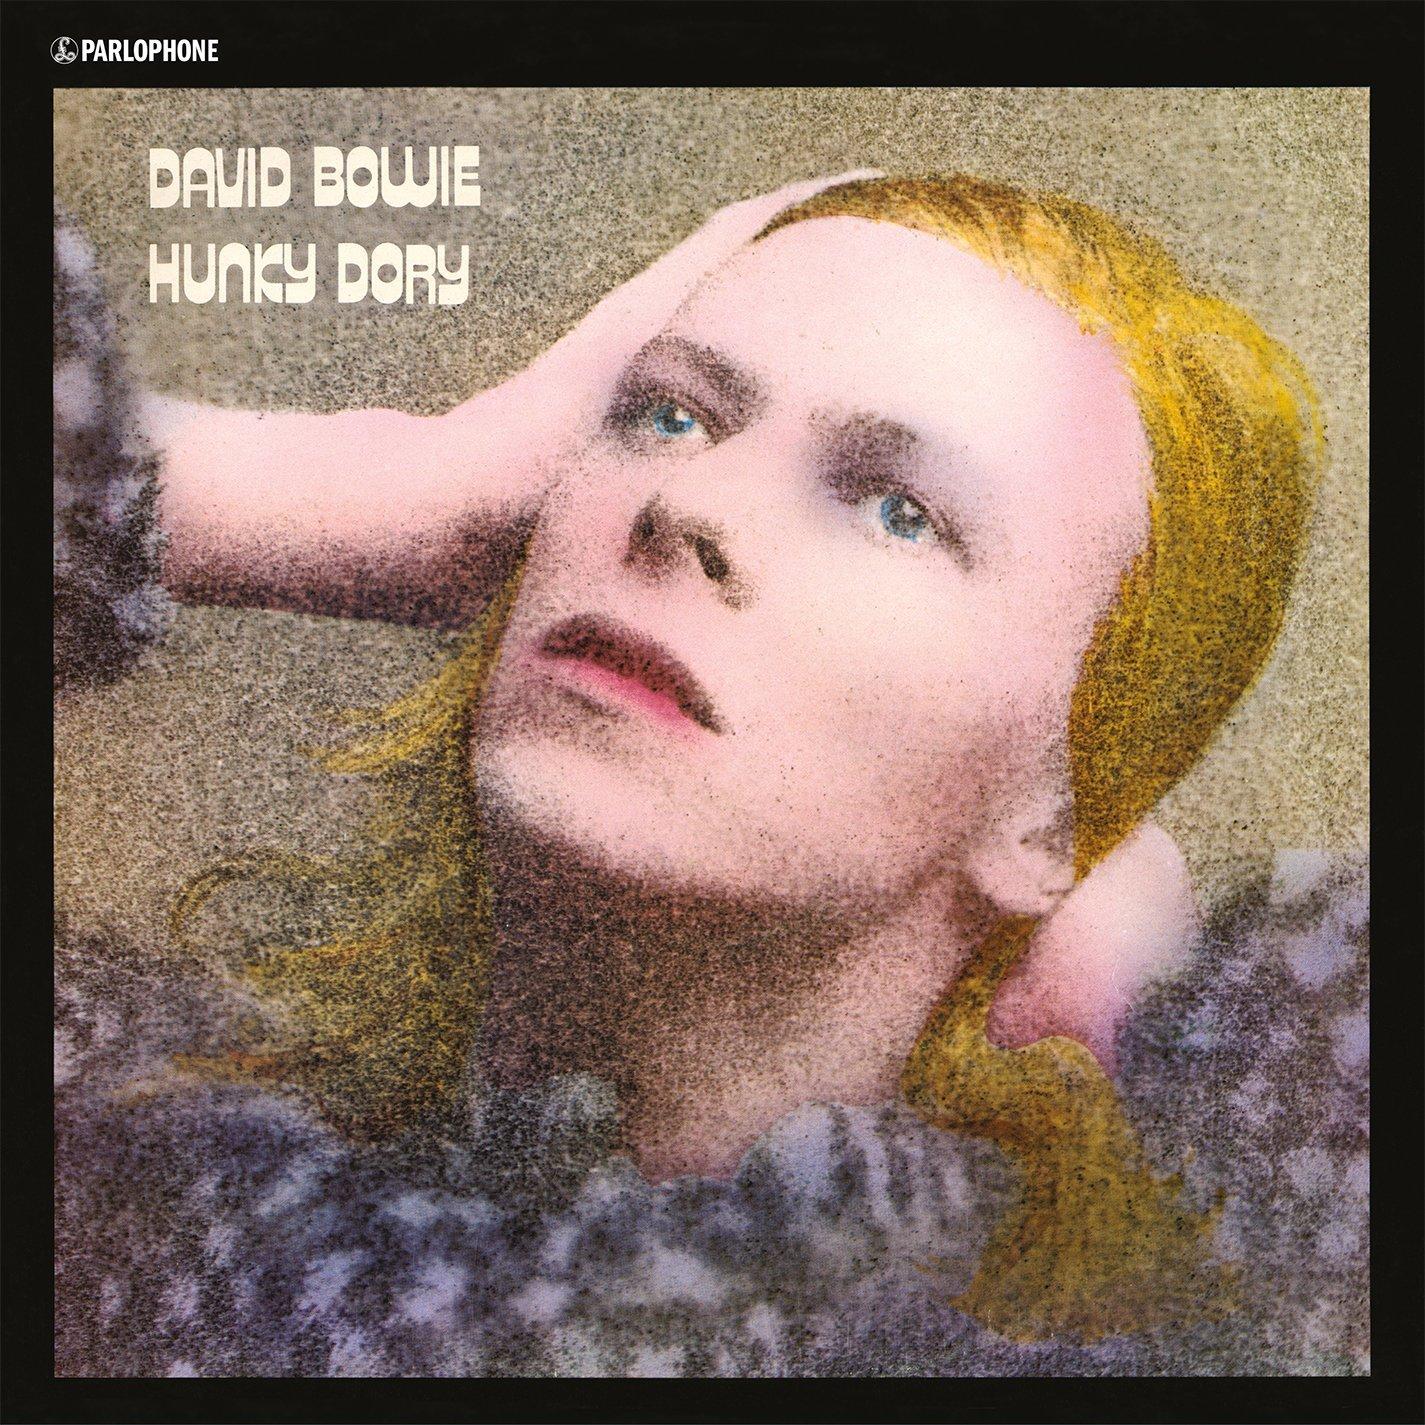 Los Albumes 70's ROCK de POPUHEADS - Página 4 91KTs-UoYtL._SL1425_